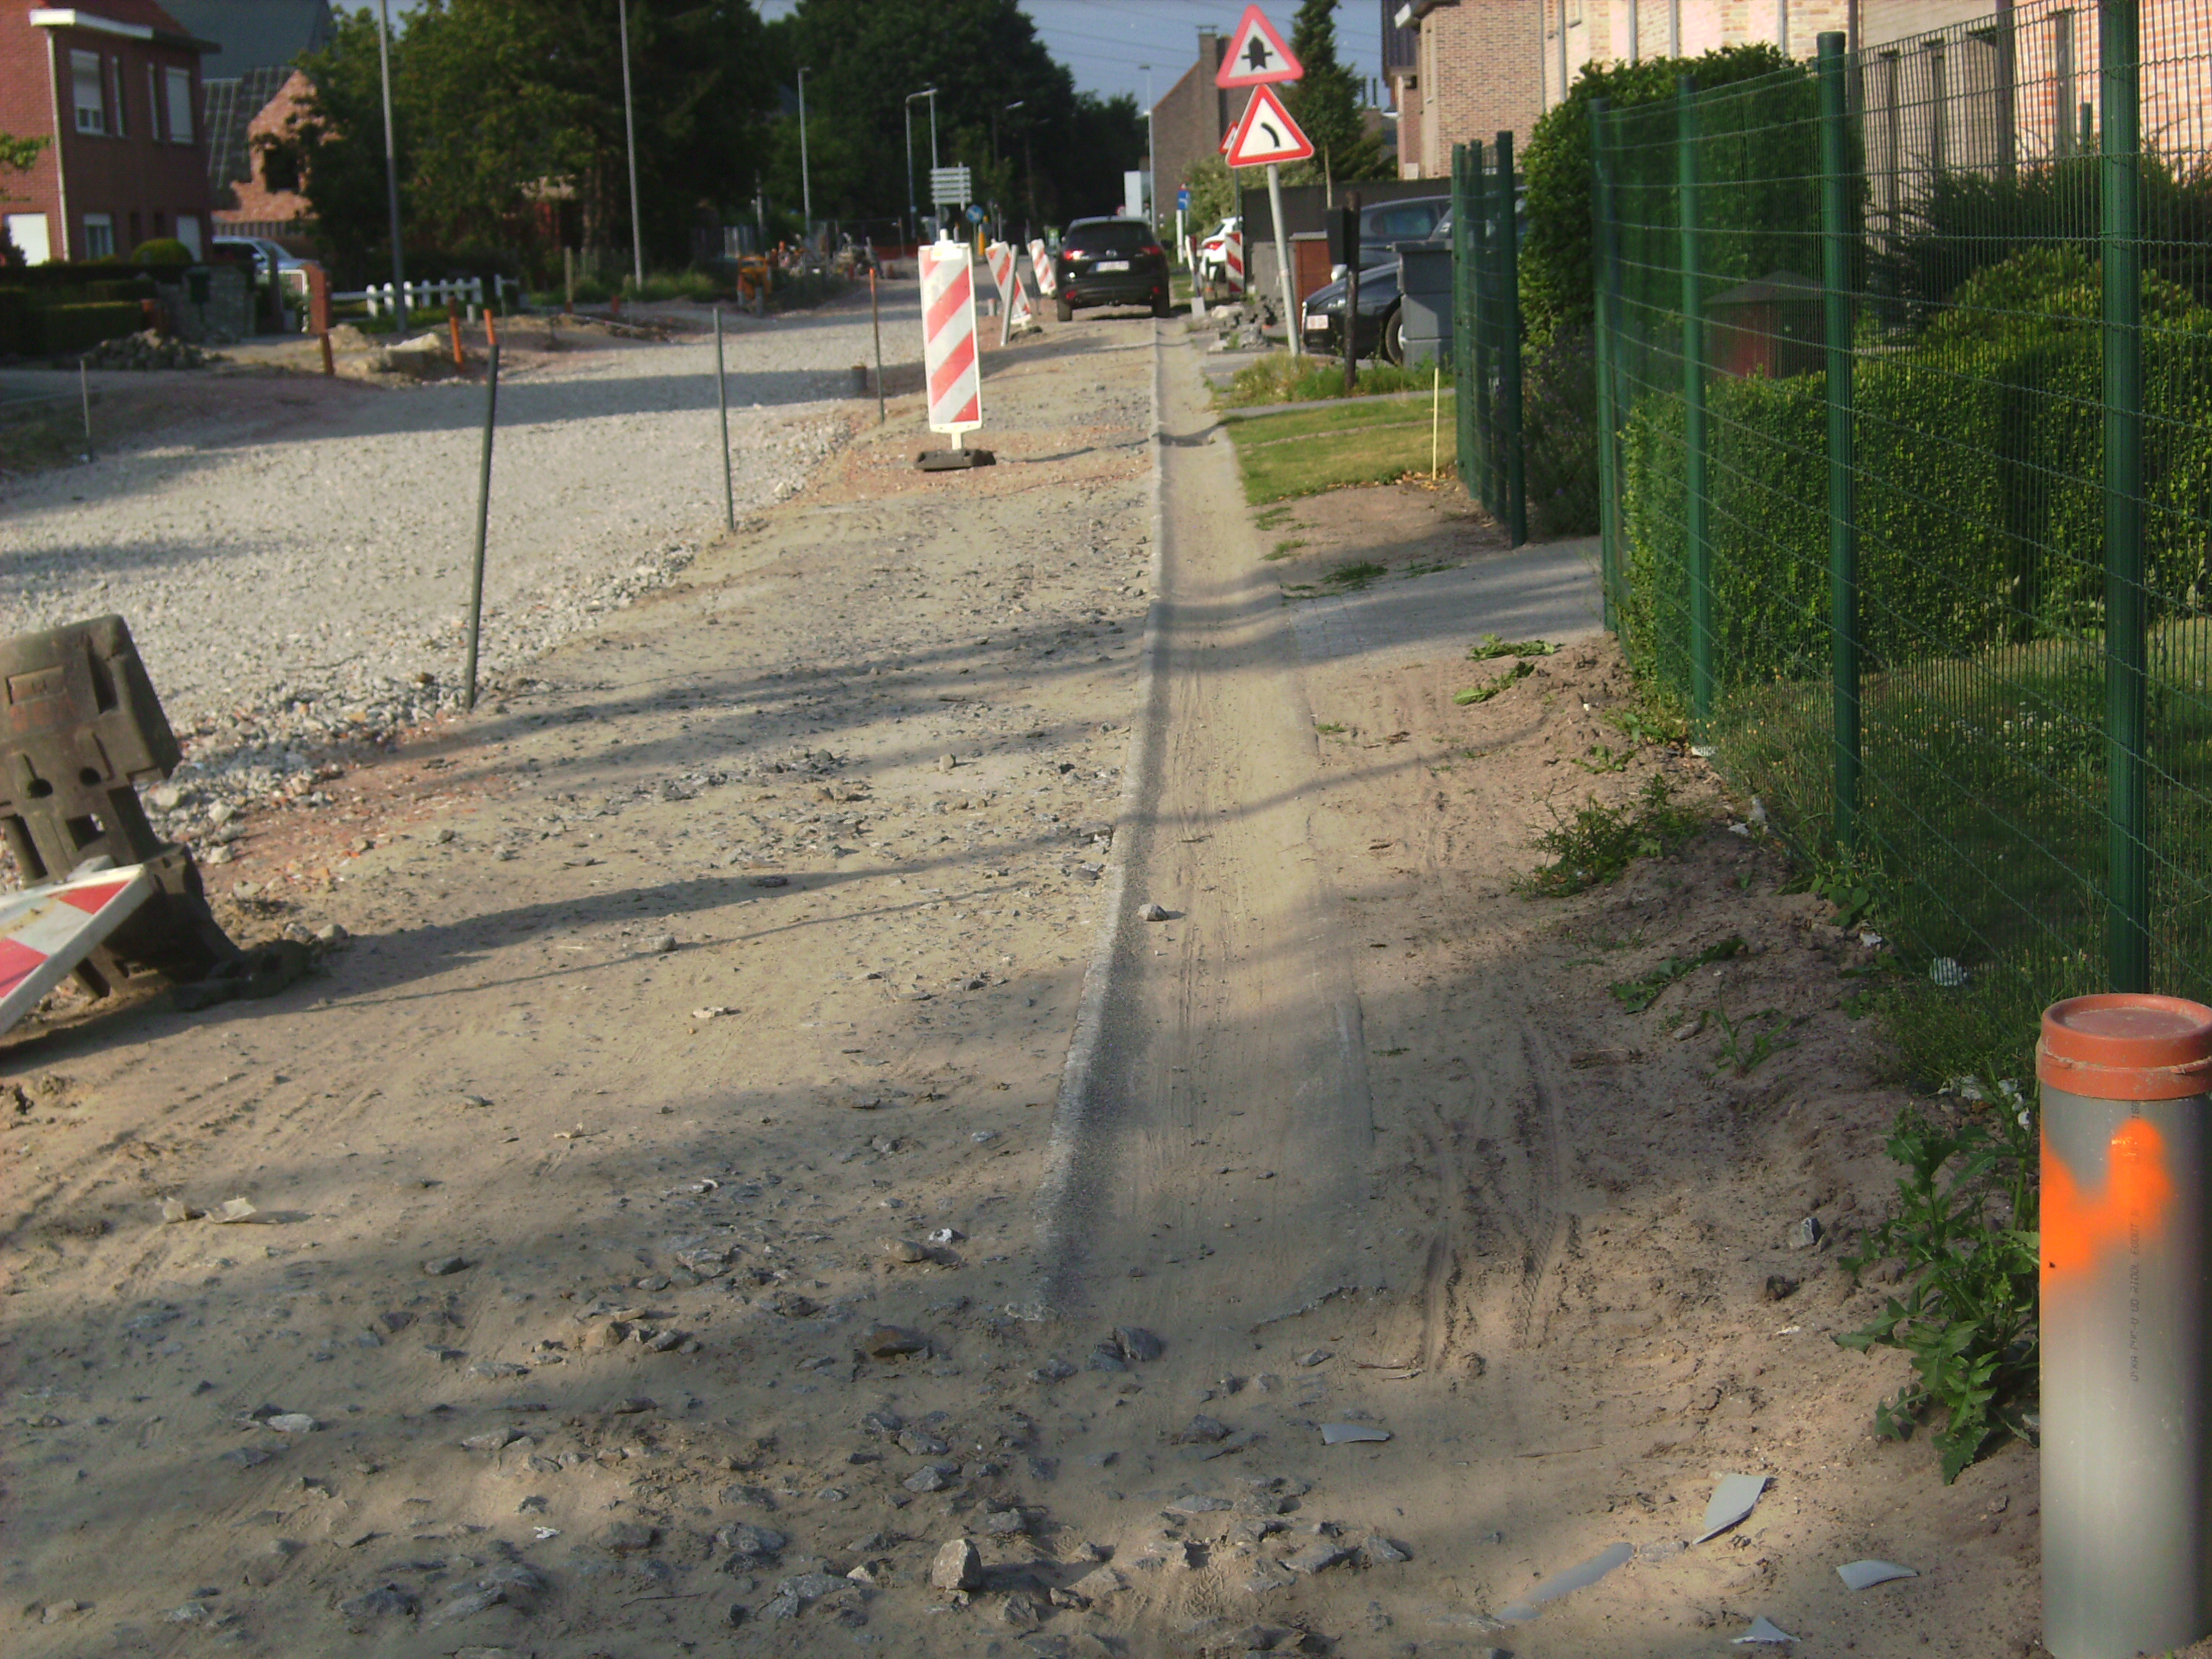 kruis op de weg verboden te parkeren